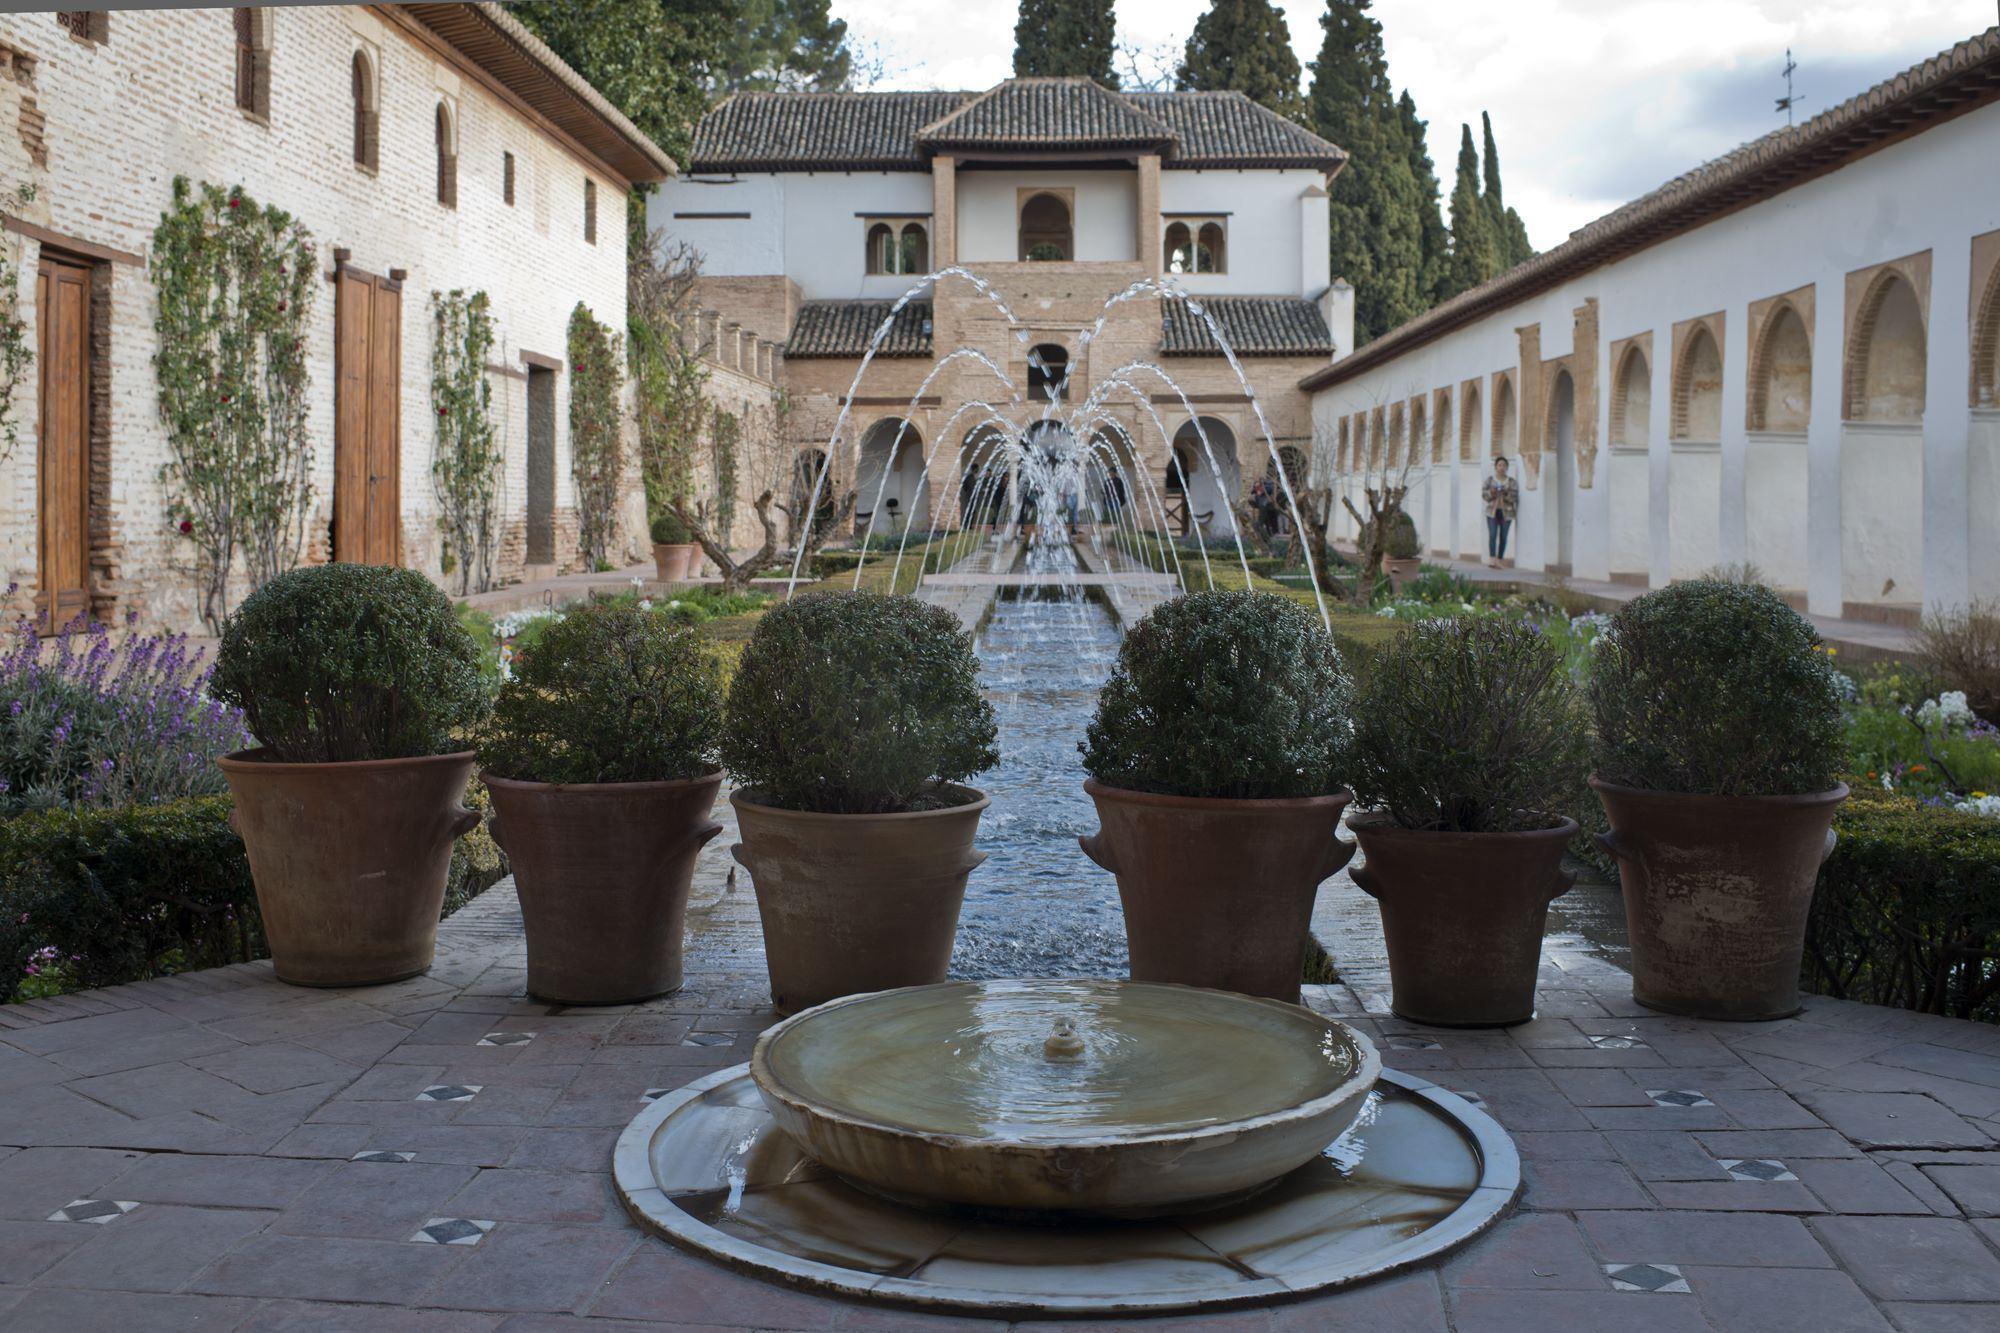 pabellon sur generalife alhambra granada